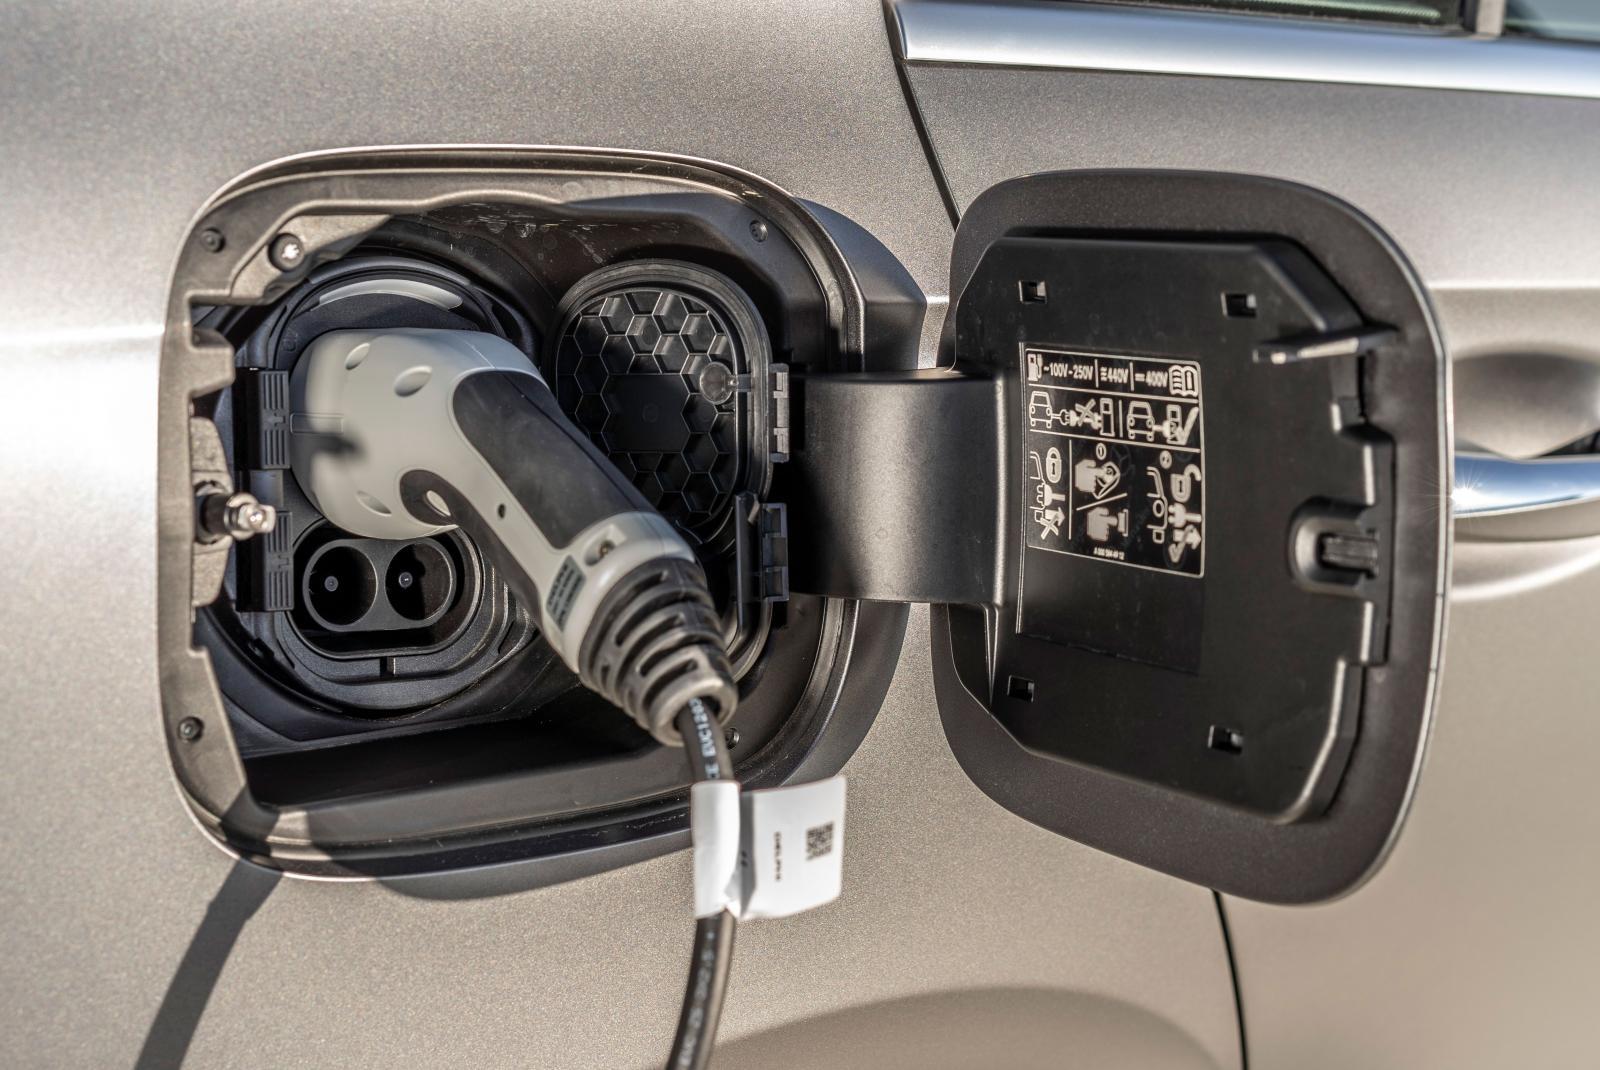 Batteriet är på 15,6 kWh och kan laddas med 3,7 kW eller 7,4 kW (tillval).